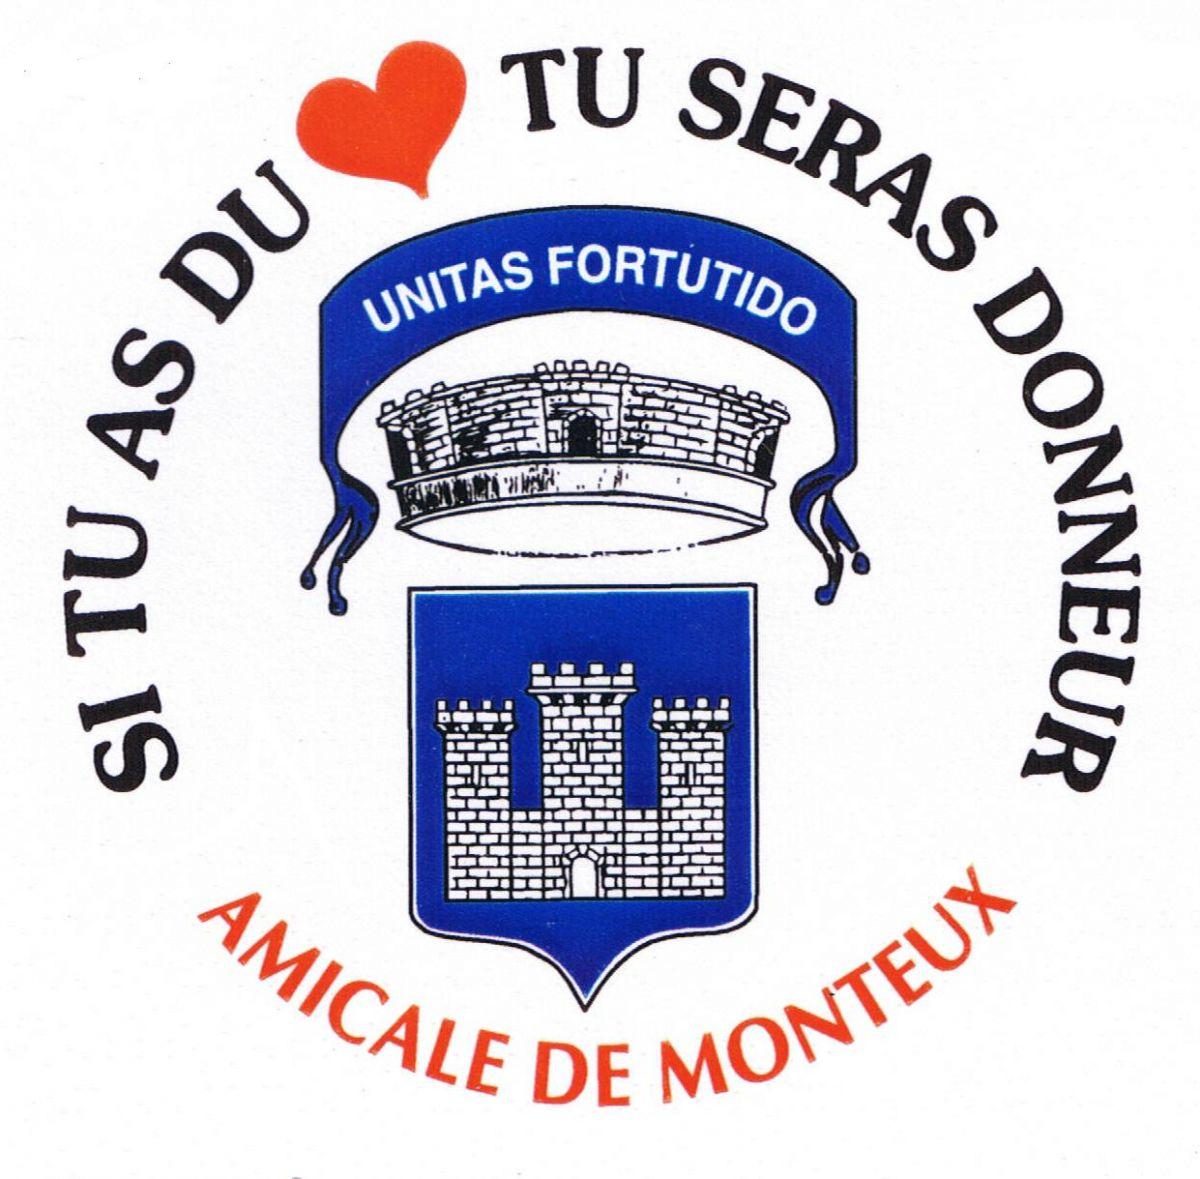 https://www.monteux.fr/application/files/thumbnails/tematik_image/9815/1568/1983/Amicale_Donneurs_de_Sang.jpg